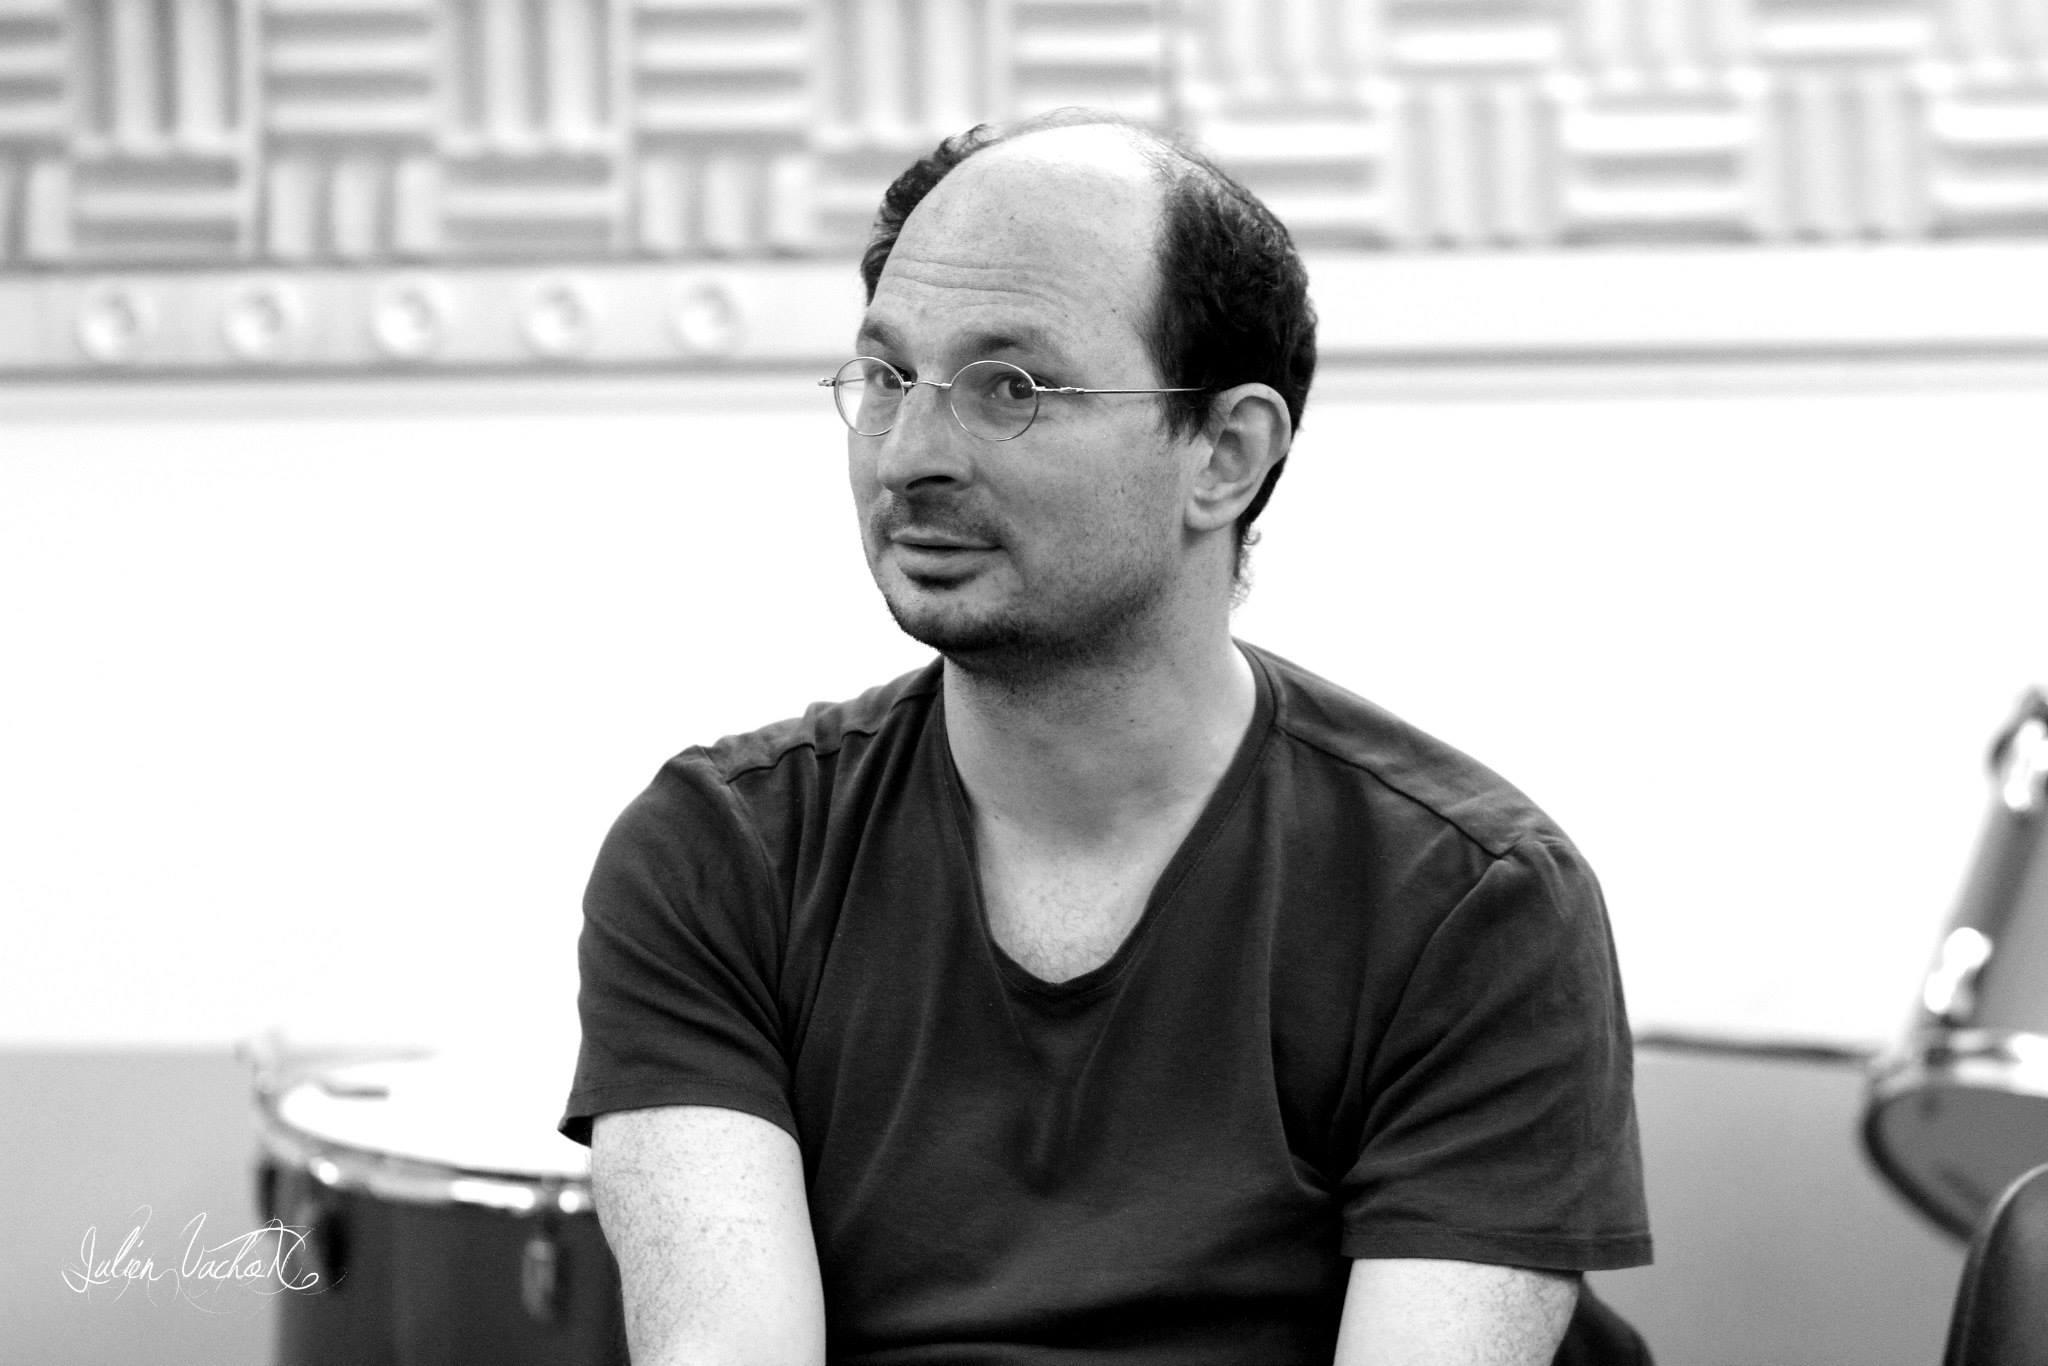 Yaël Naïm & David Donatien